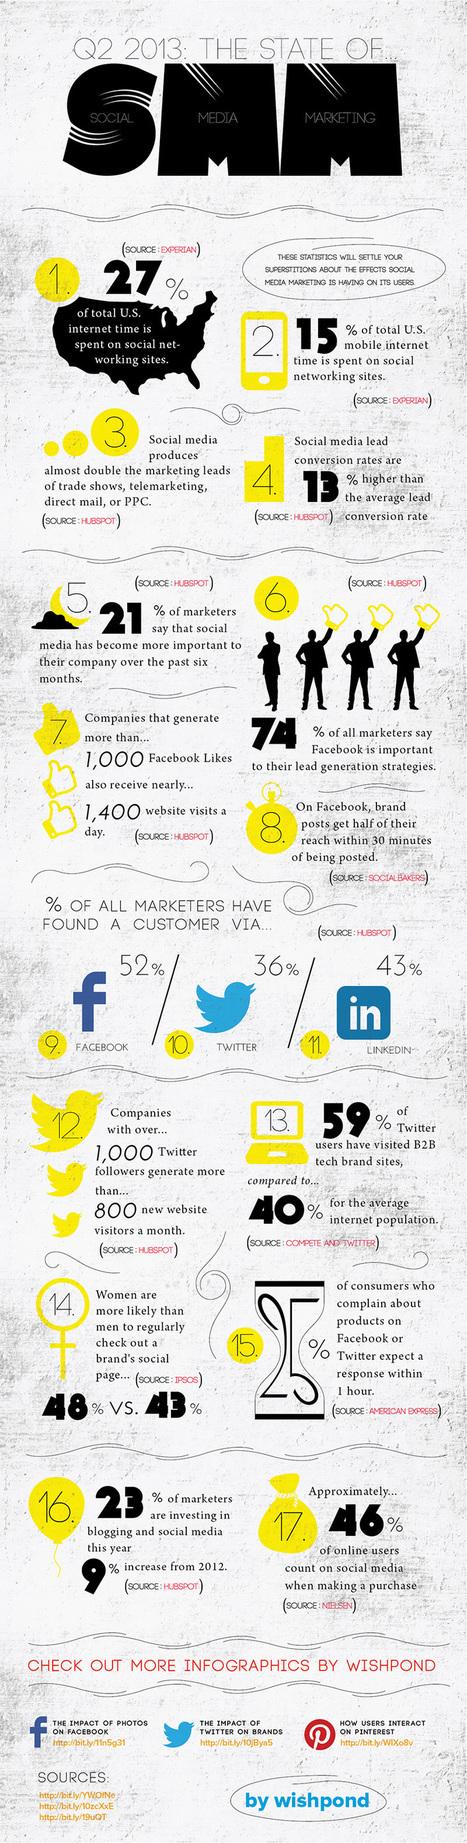 16 chiffres du Marketing des réseaux sociaux qui interpellent | Prêt à porter stratégie digitale | Scoop.it